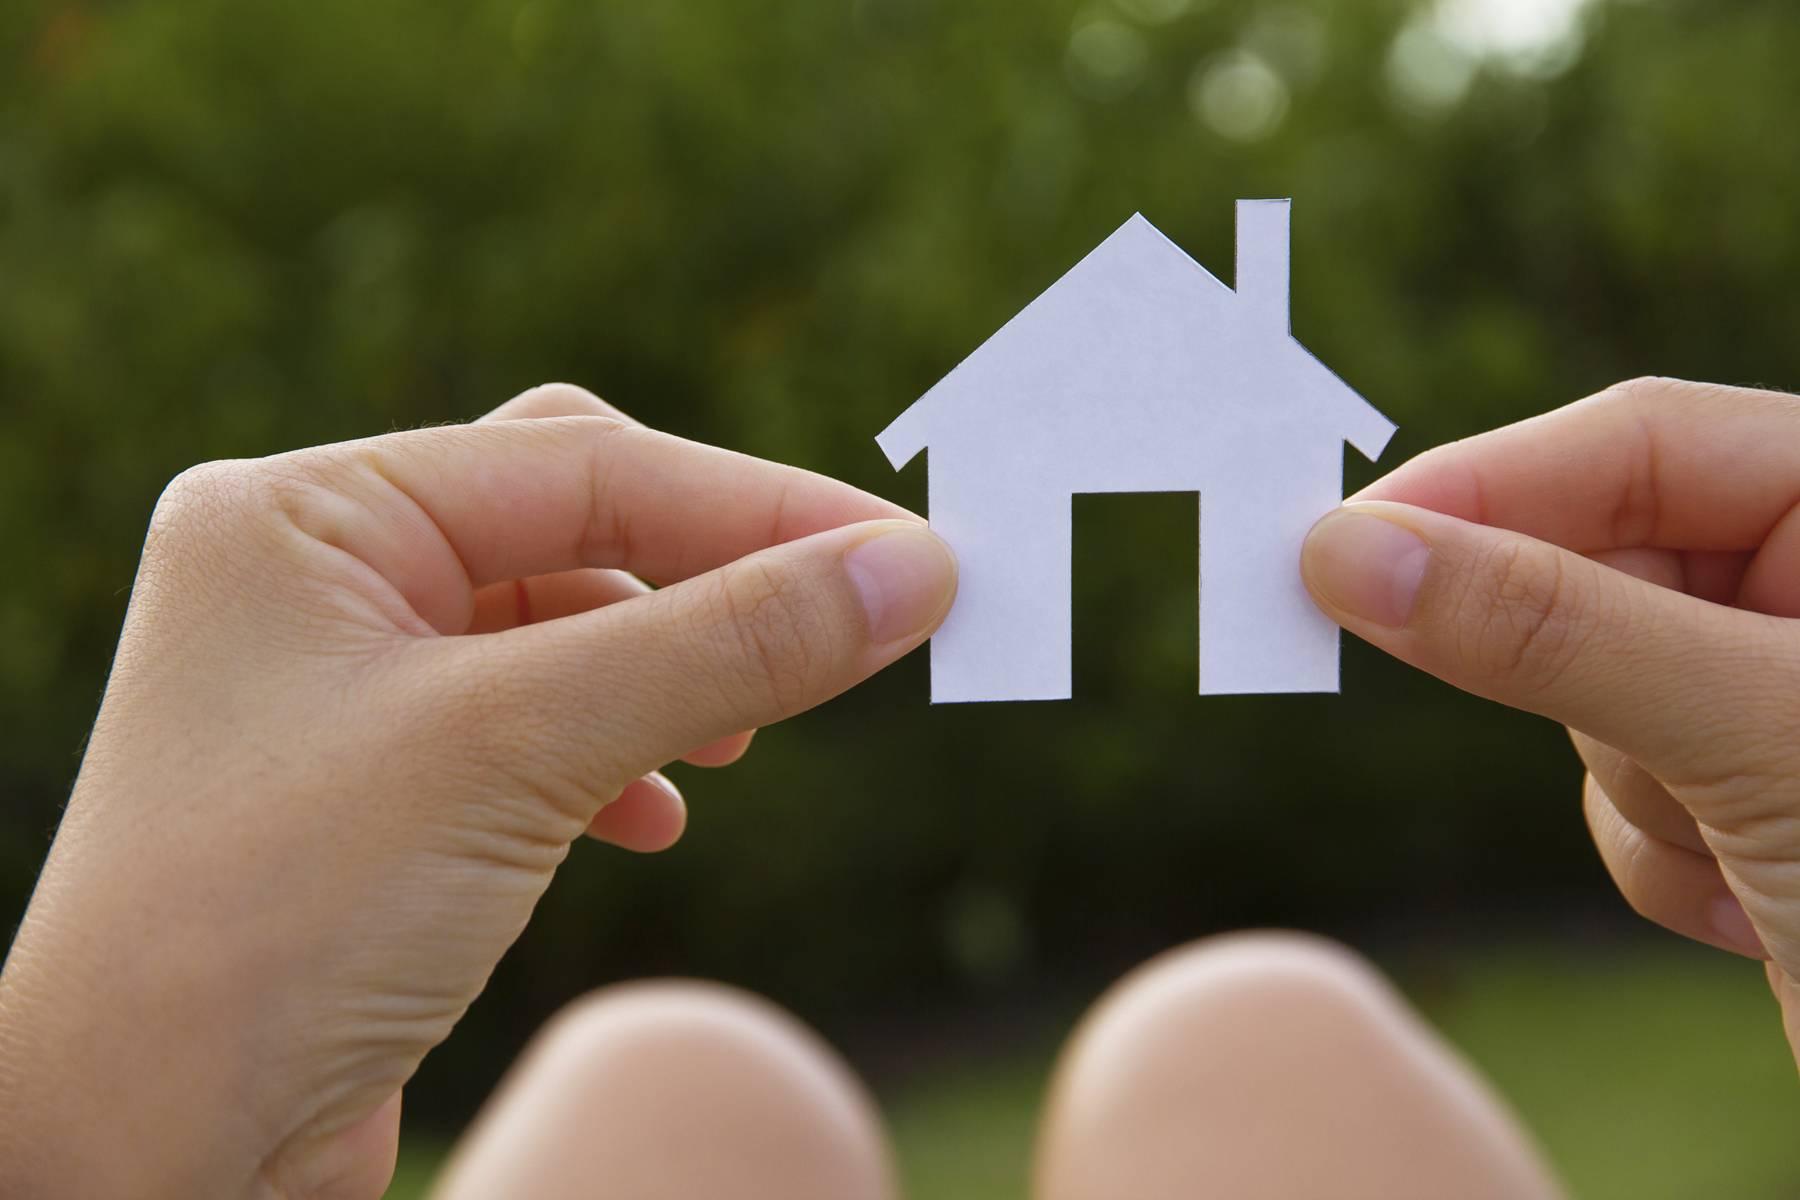 Prezzi case in ribasso e tassi mutui agevolati: con 500 euro al mese ti compri una casa